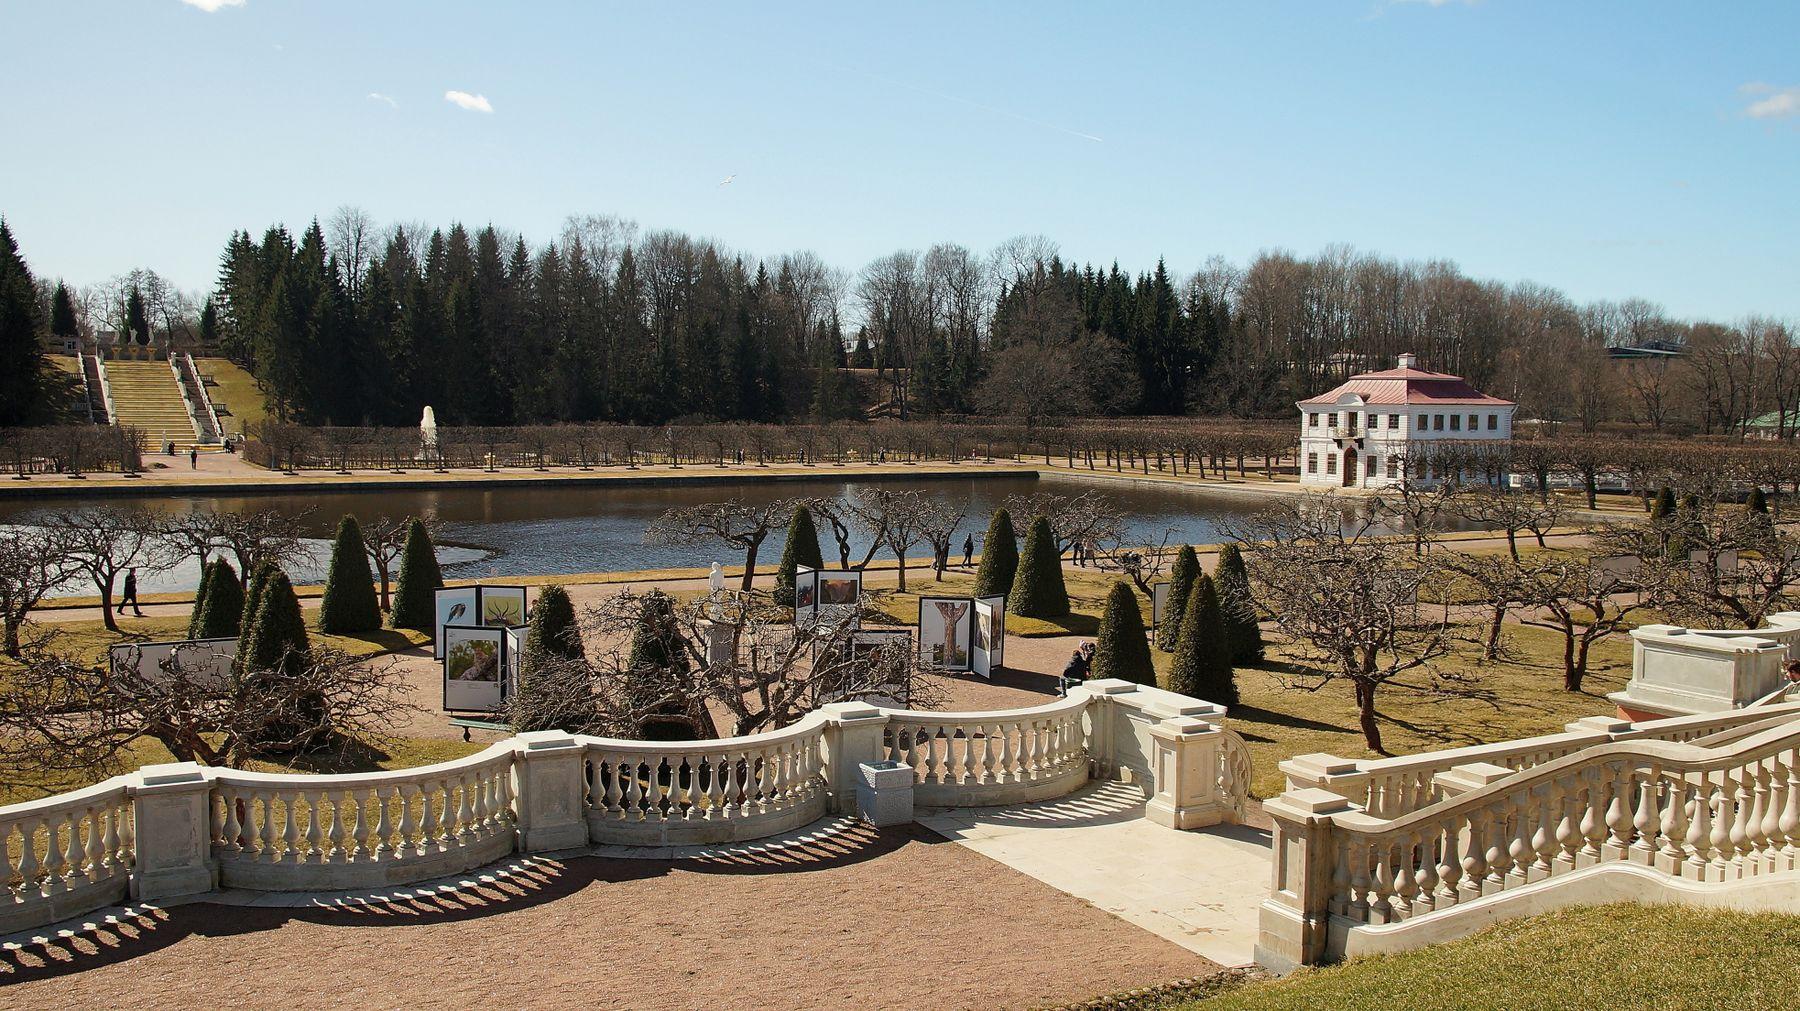 Гуляем в Нижнем парке Петергофа Петергоф нижний парк дворец Марли весна